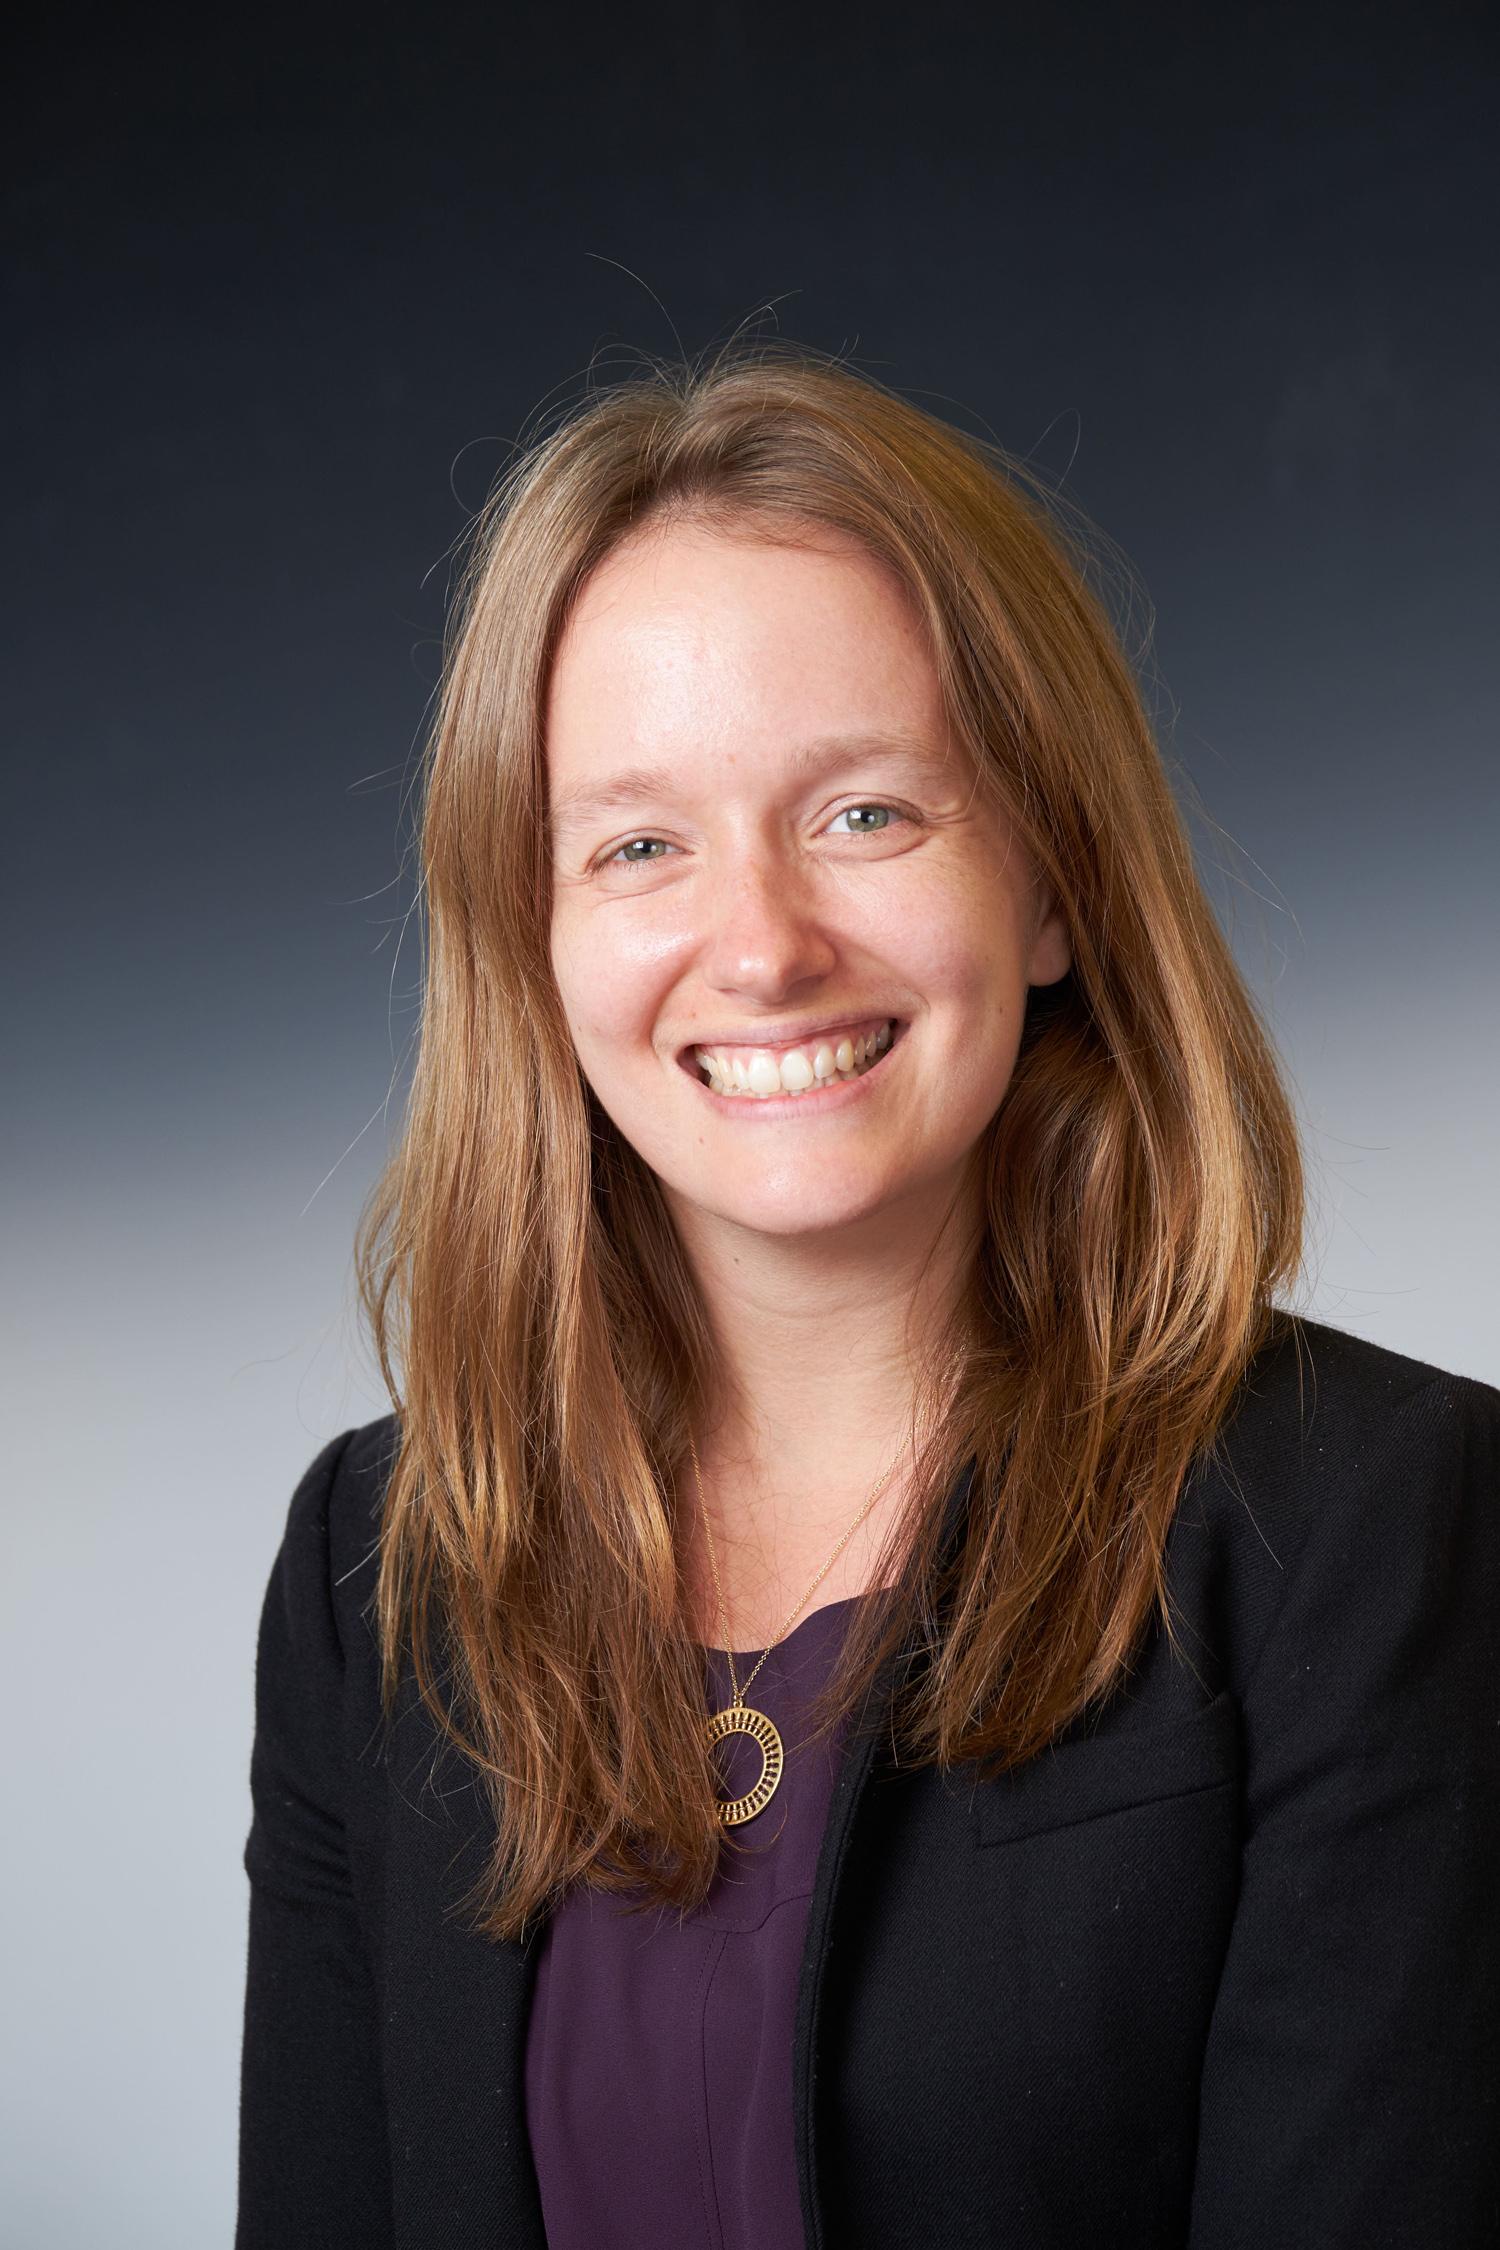 Nicole Fonger